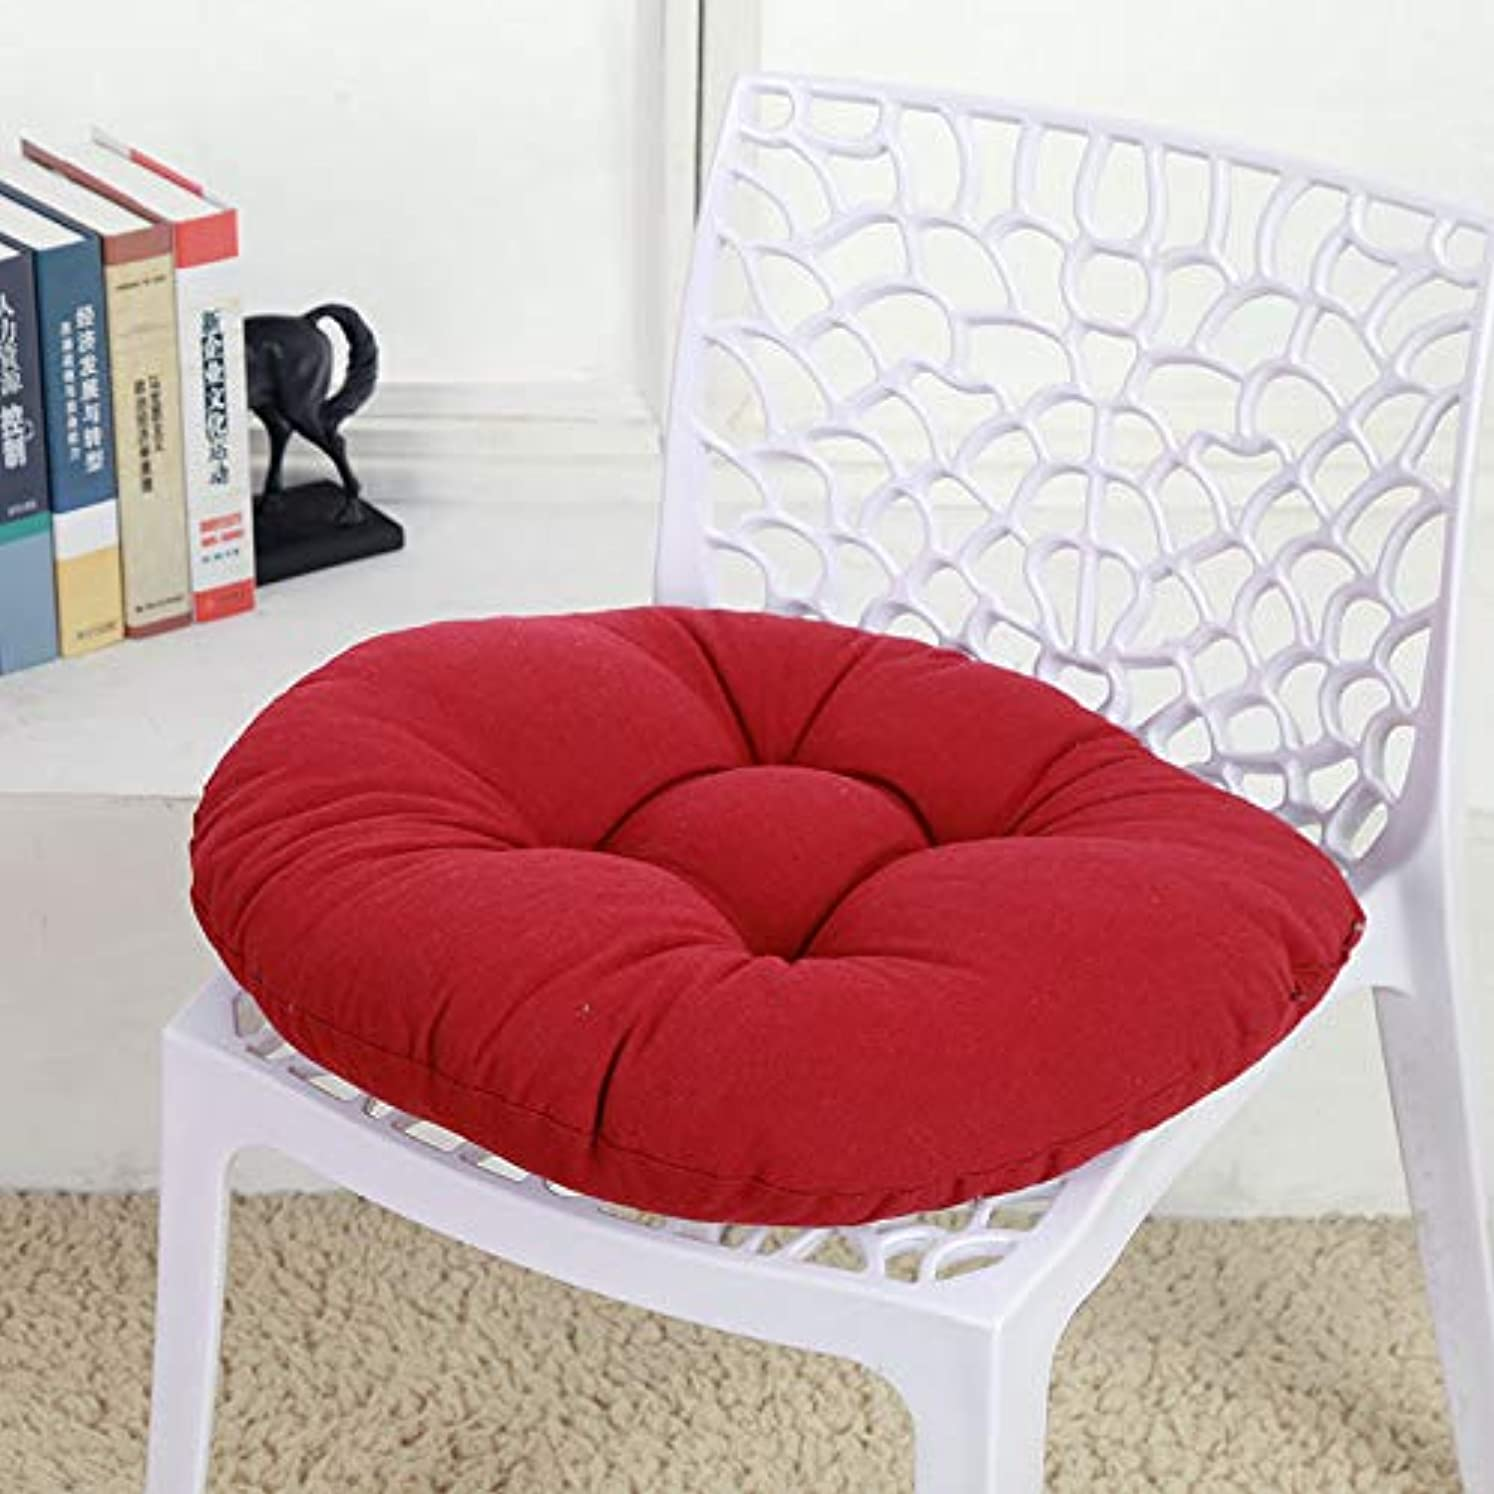 引き潮ビバ自信があるSMART キャンディカラーのクッションラウンドシートクッション波ウィンドウシートクッションクッション家の装飾パッドラウンド枕シート枕椅子座る枕 クッション 椅子